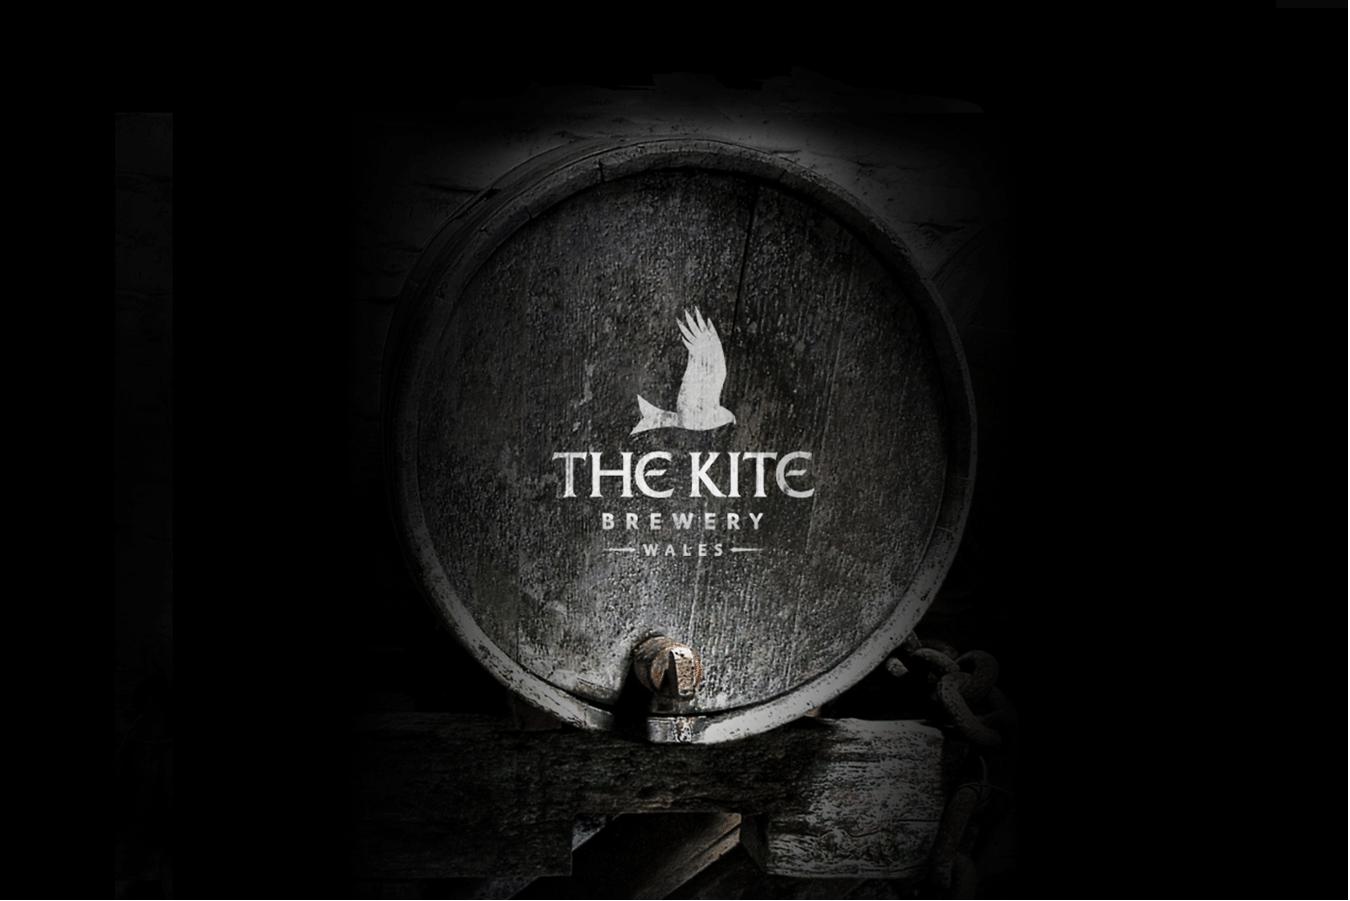 kite_brewery_logo_2.png